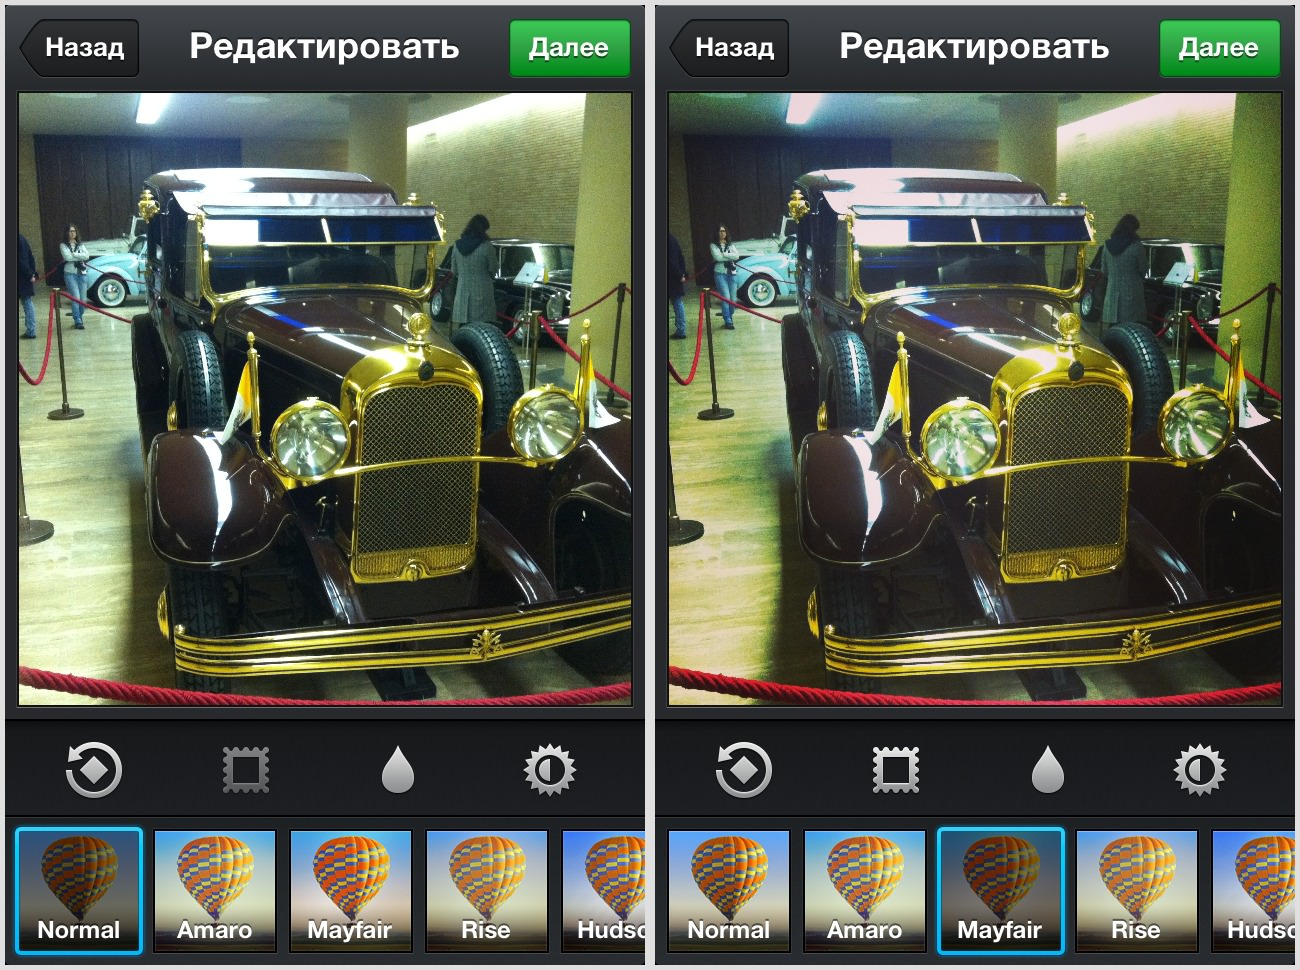 Новый фильтр Mayfair в обновлении Instagram